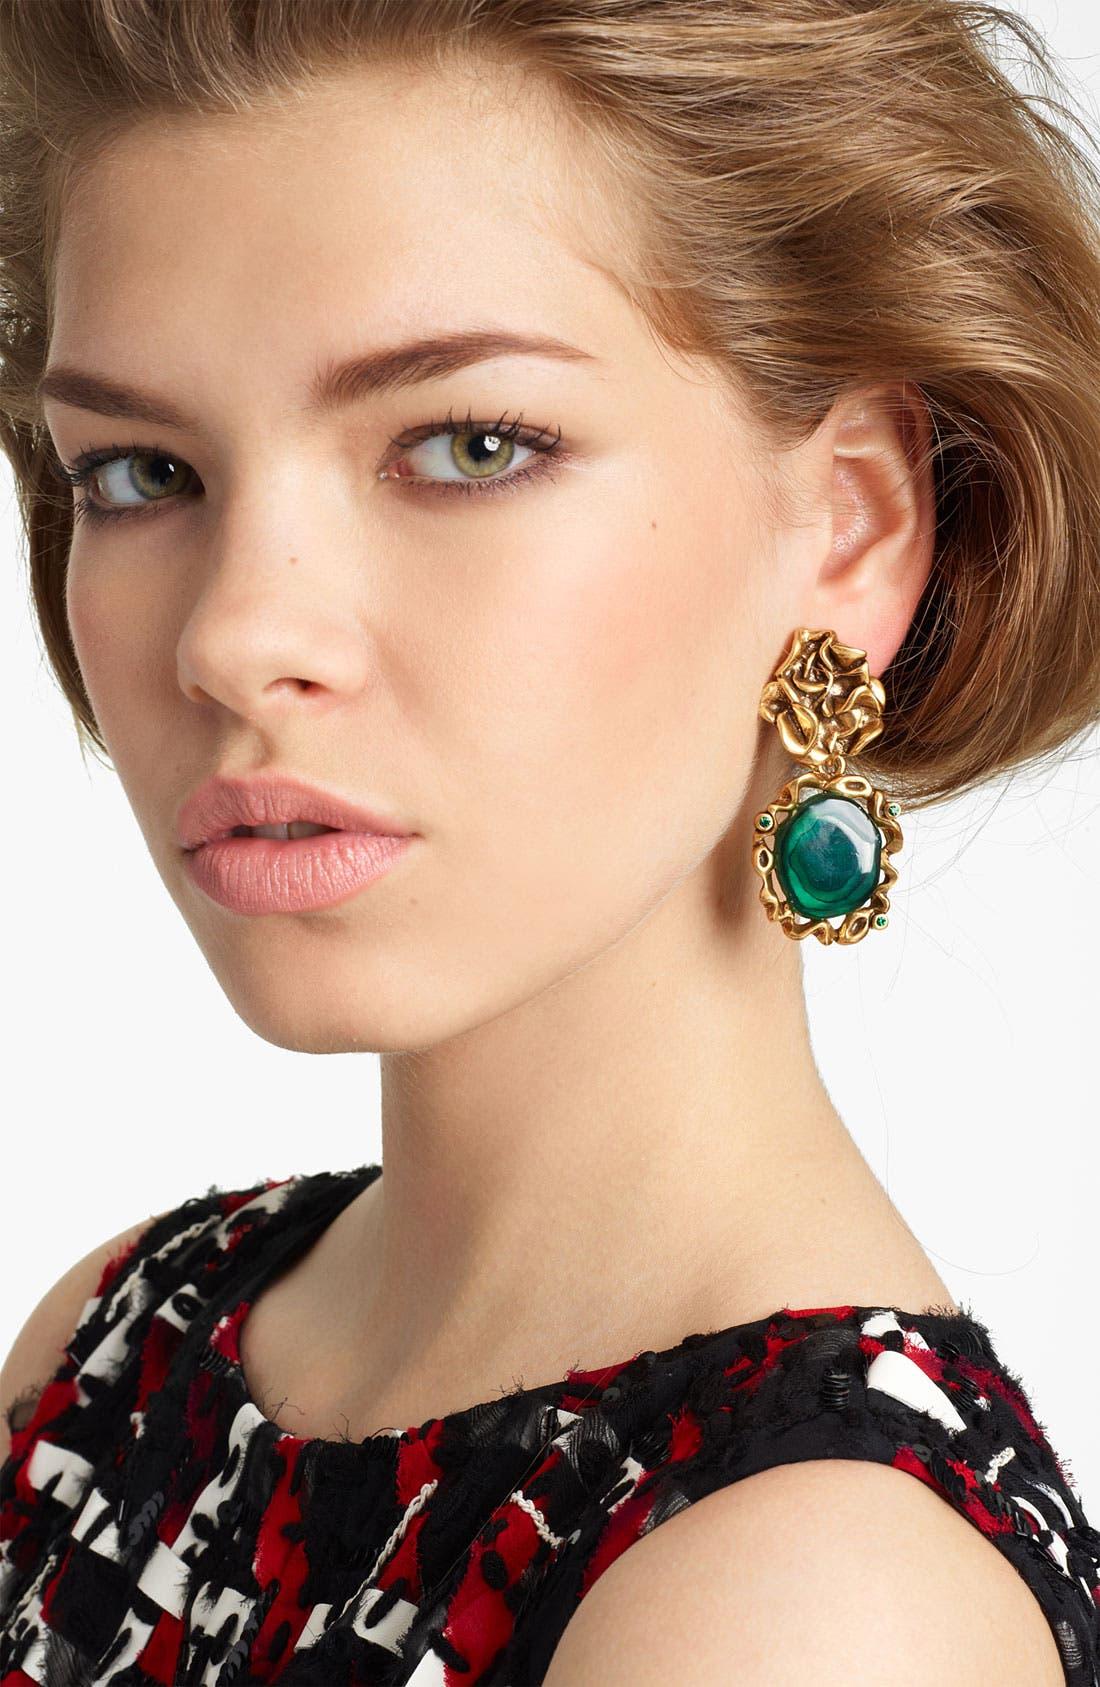 Alternate Image 1 Selected - Oscar de la Renta Ruffle Motif & Geode Drop Earrings